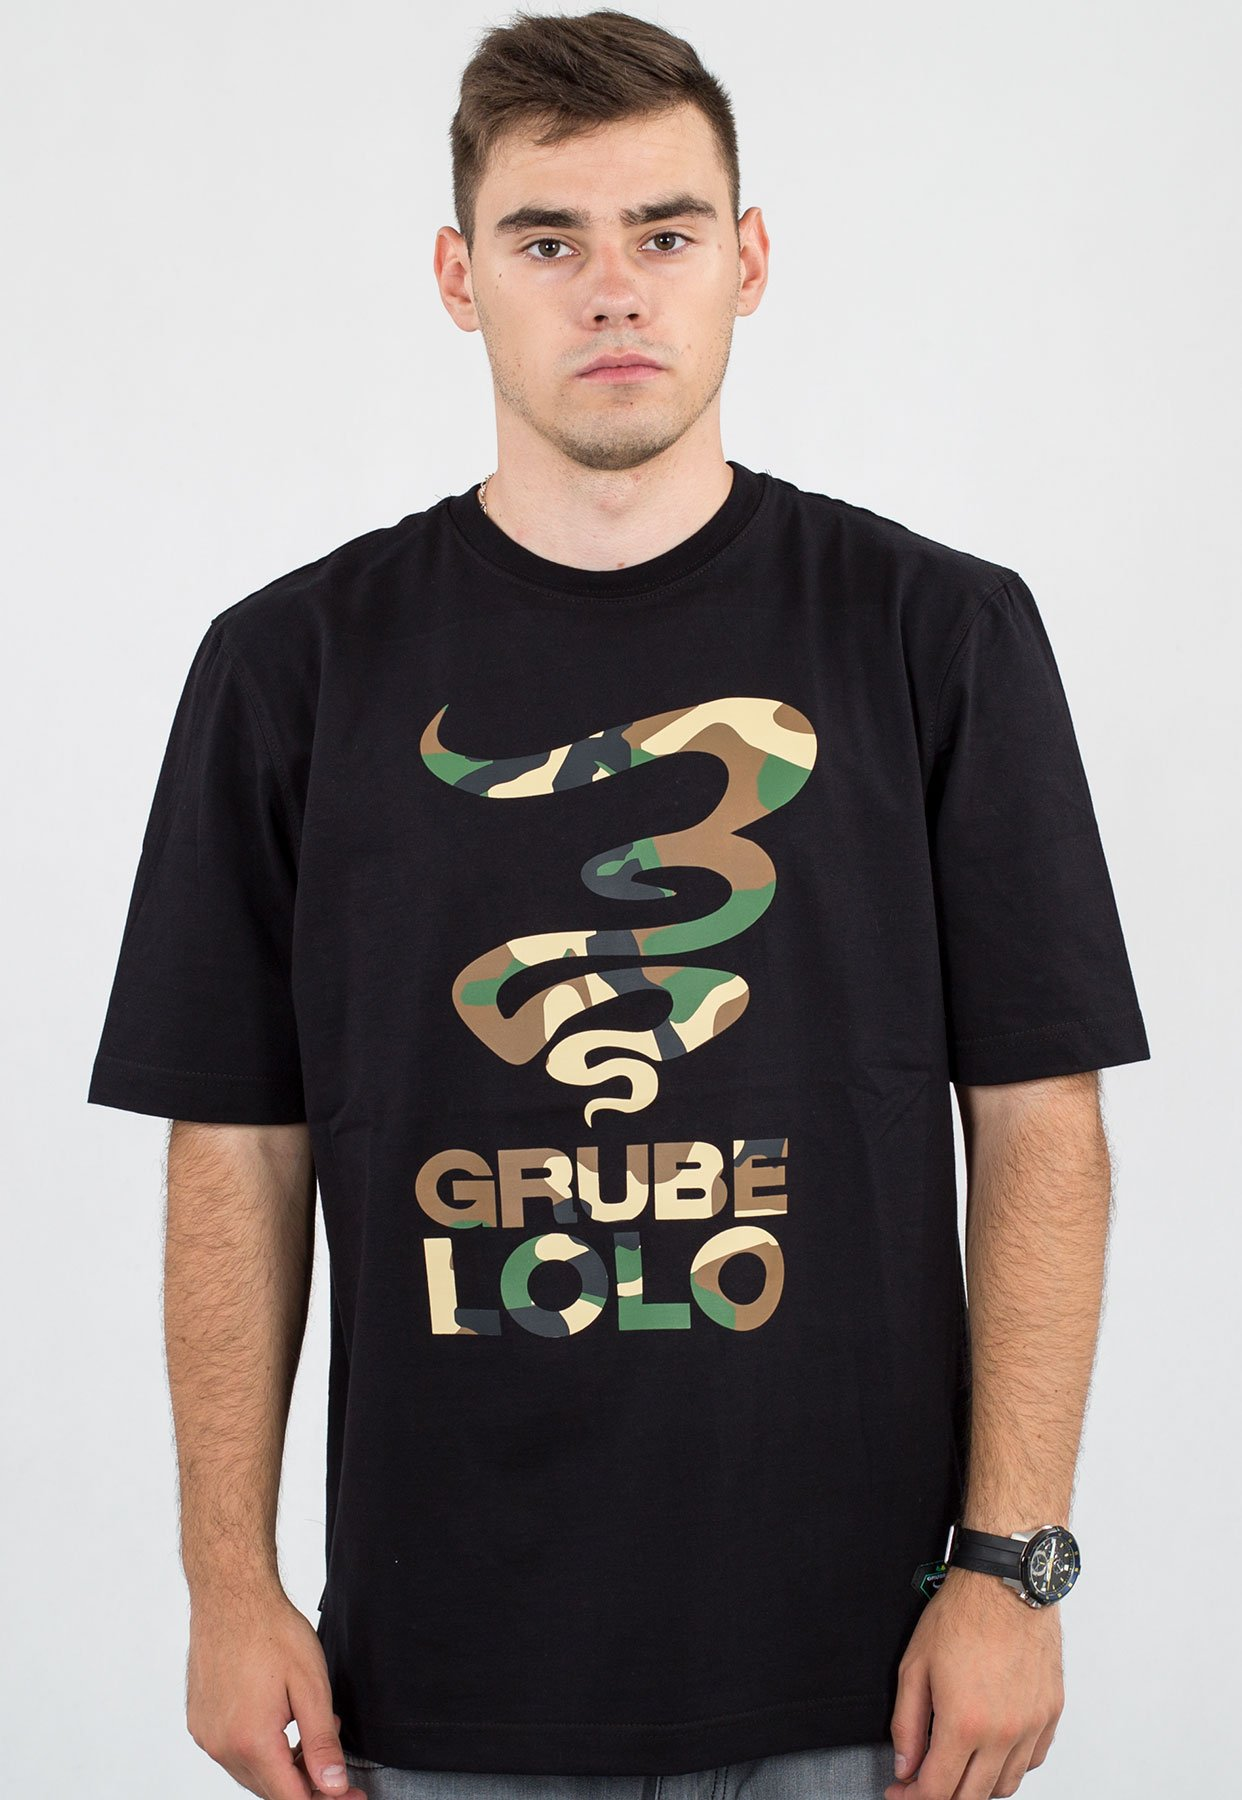 fantastyczne oszczędności jakość wykonania dobrze out x T-shirt Grube Lolo Dymek Moro czarny